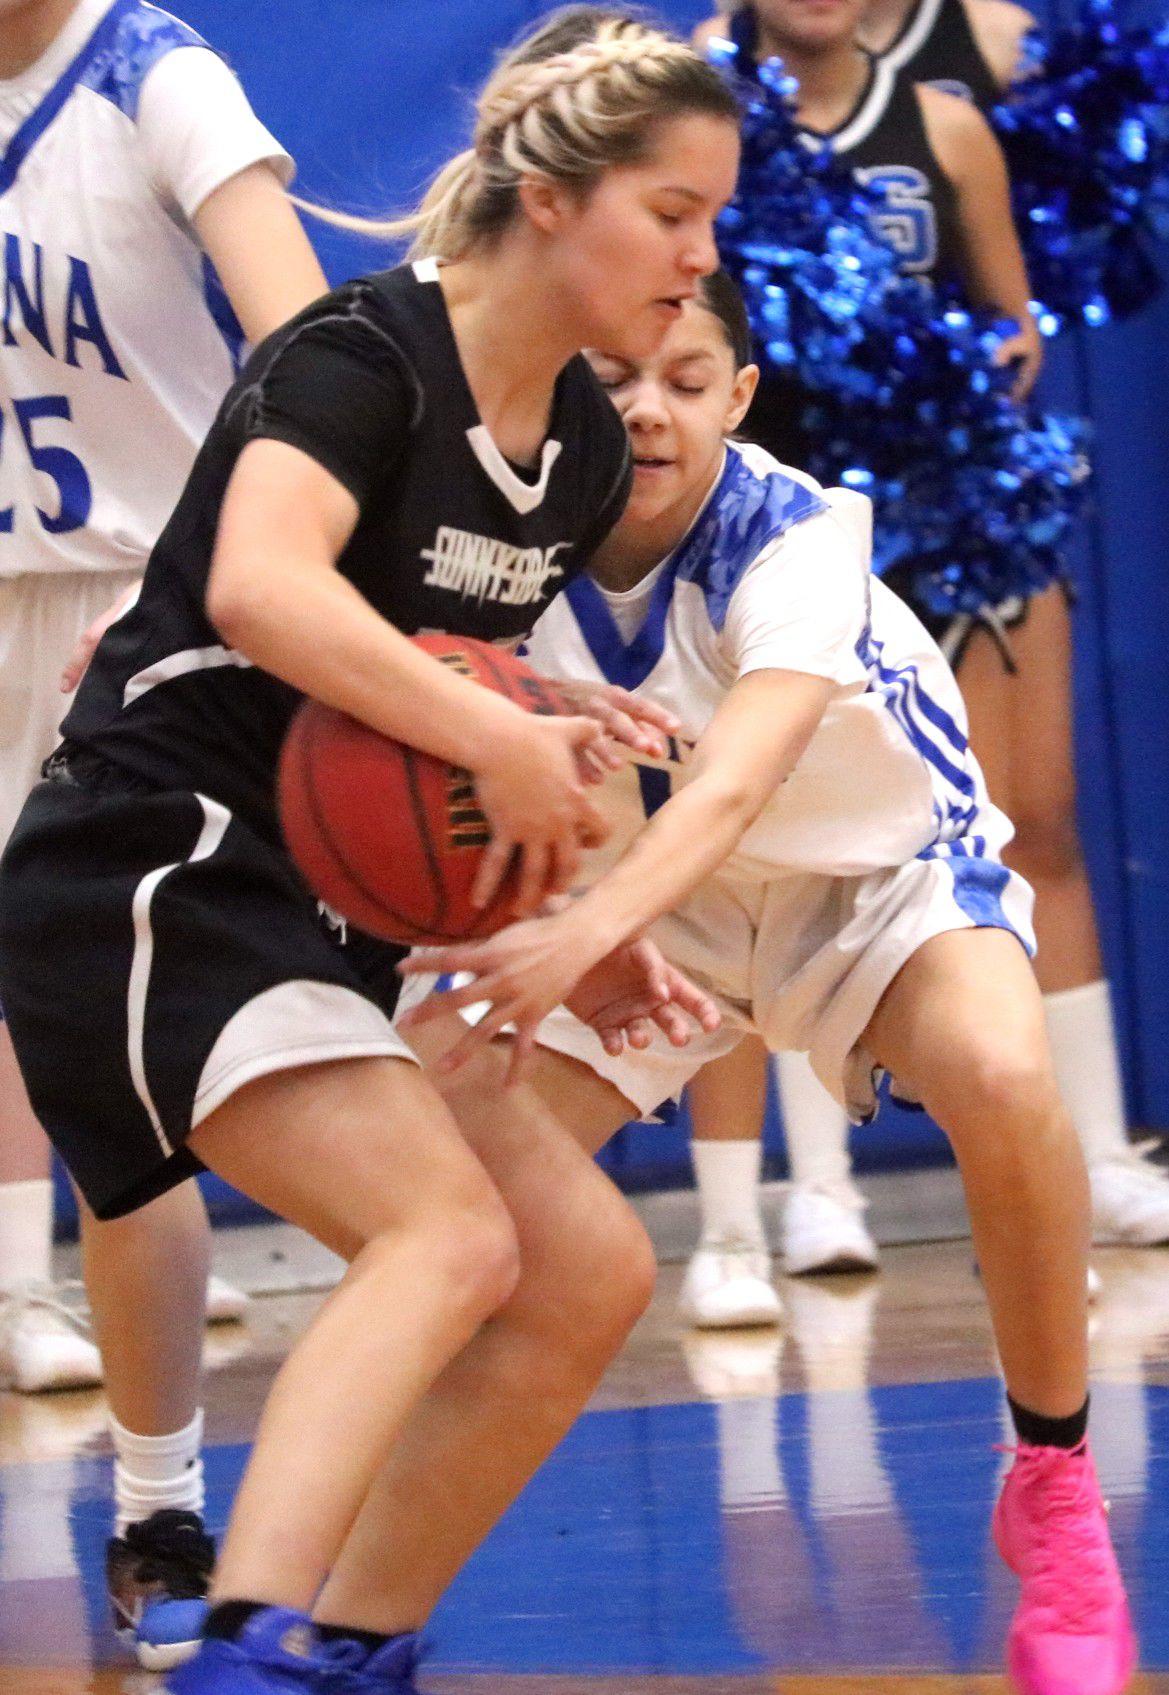 Buena girls basketball vs Sunnyside 2